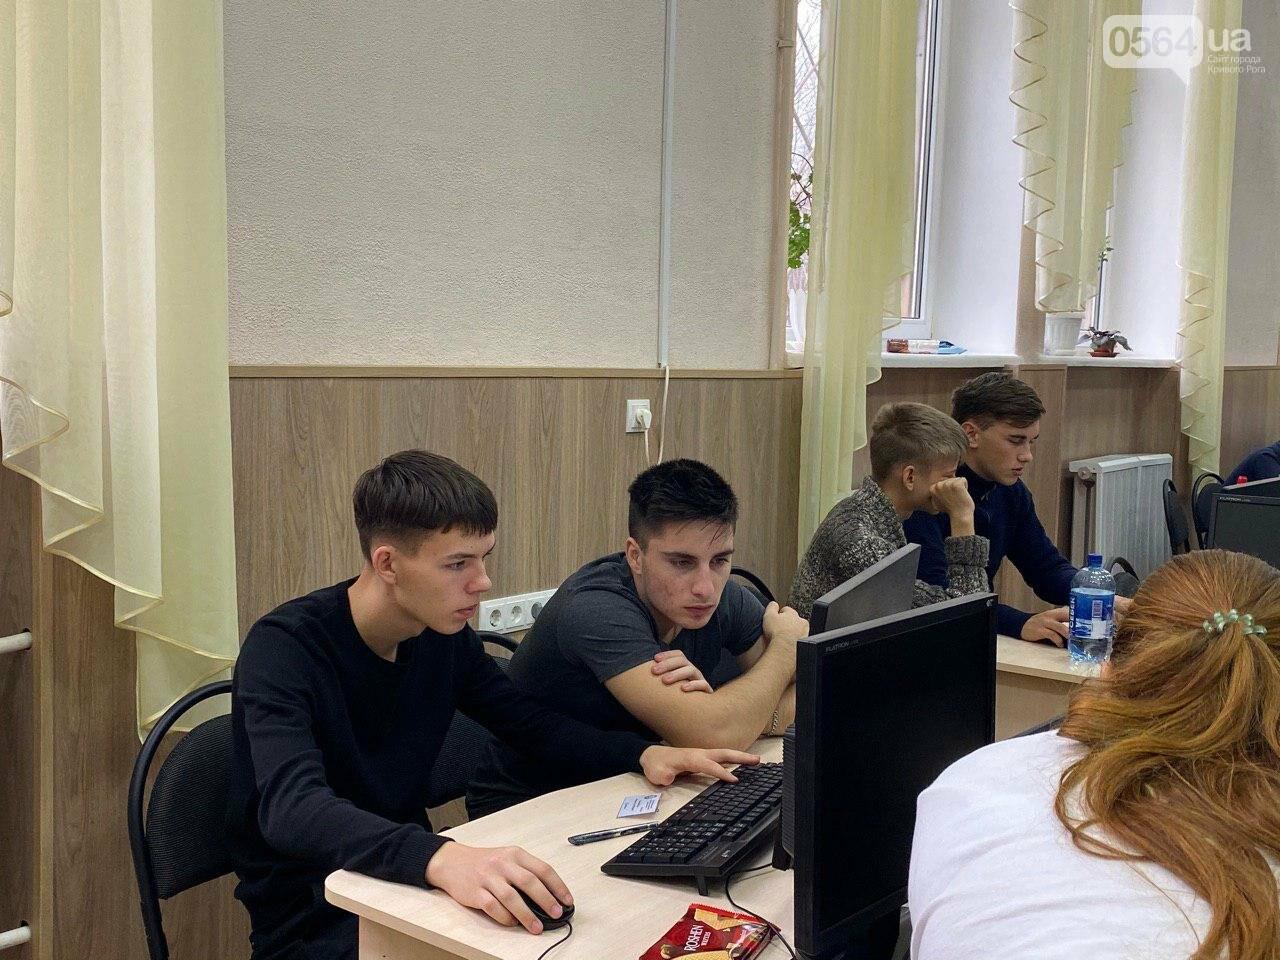 Впервые в Кривом Роге проходит Всеукраинский турнир юных информатиков, - ФОТО, фото-13